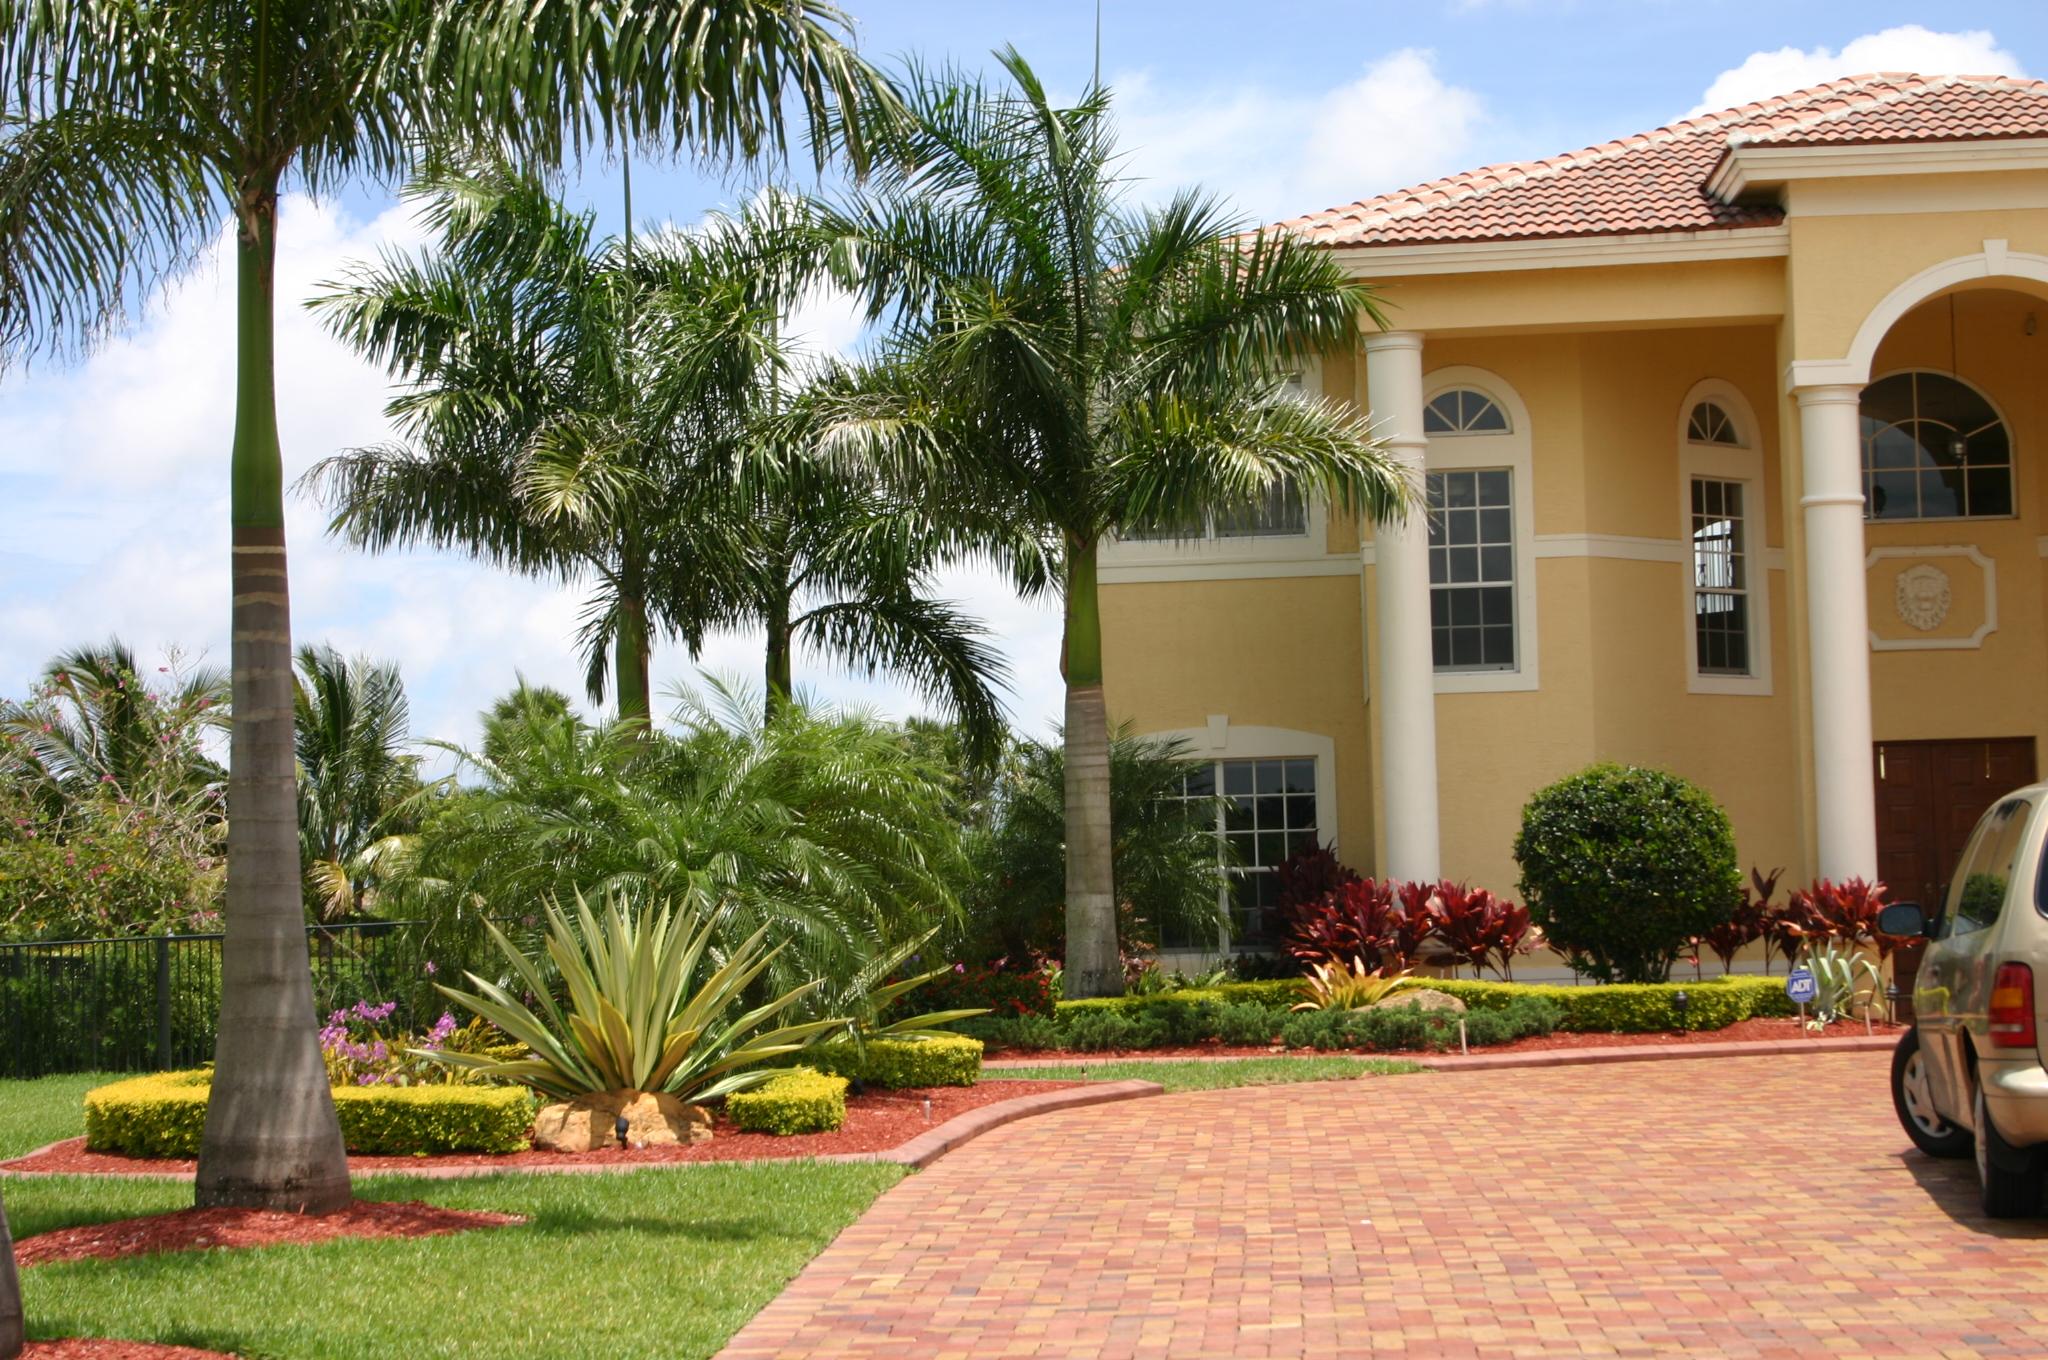 garden design garden design with vote for the best landscaping